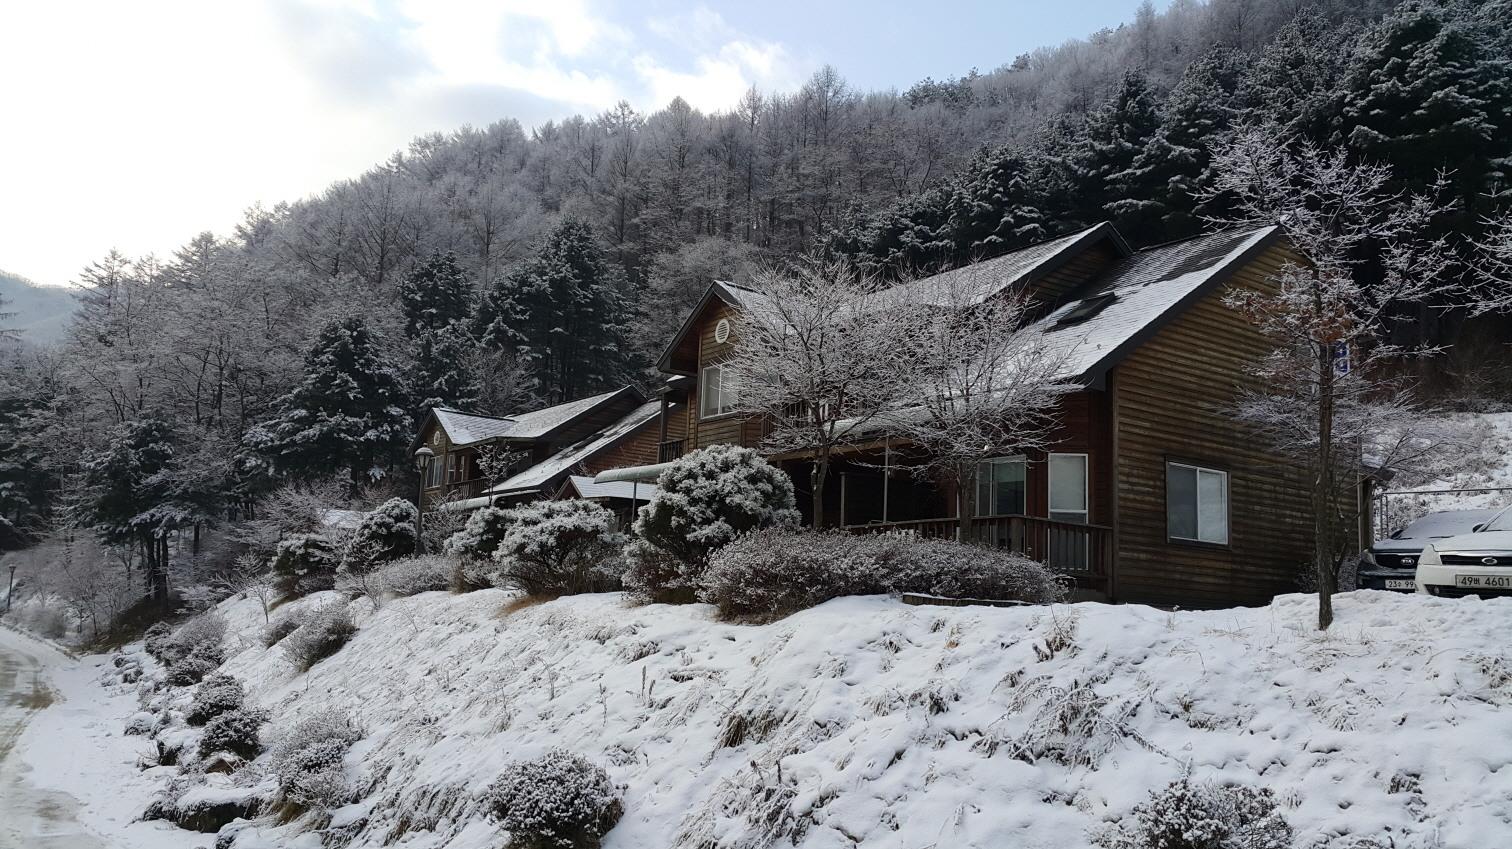 백운산자연휴양림 눈덮인 연립동풍경